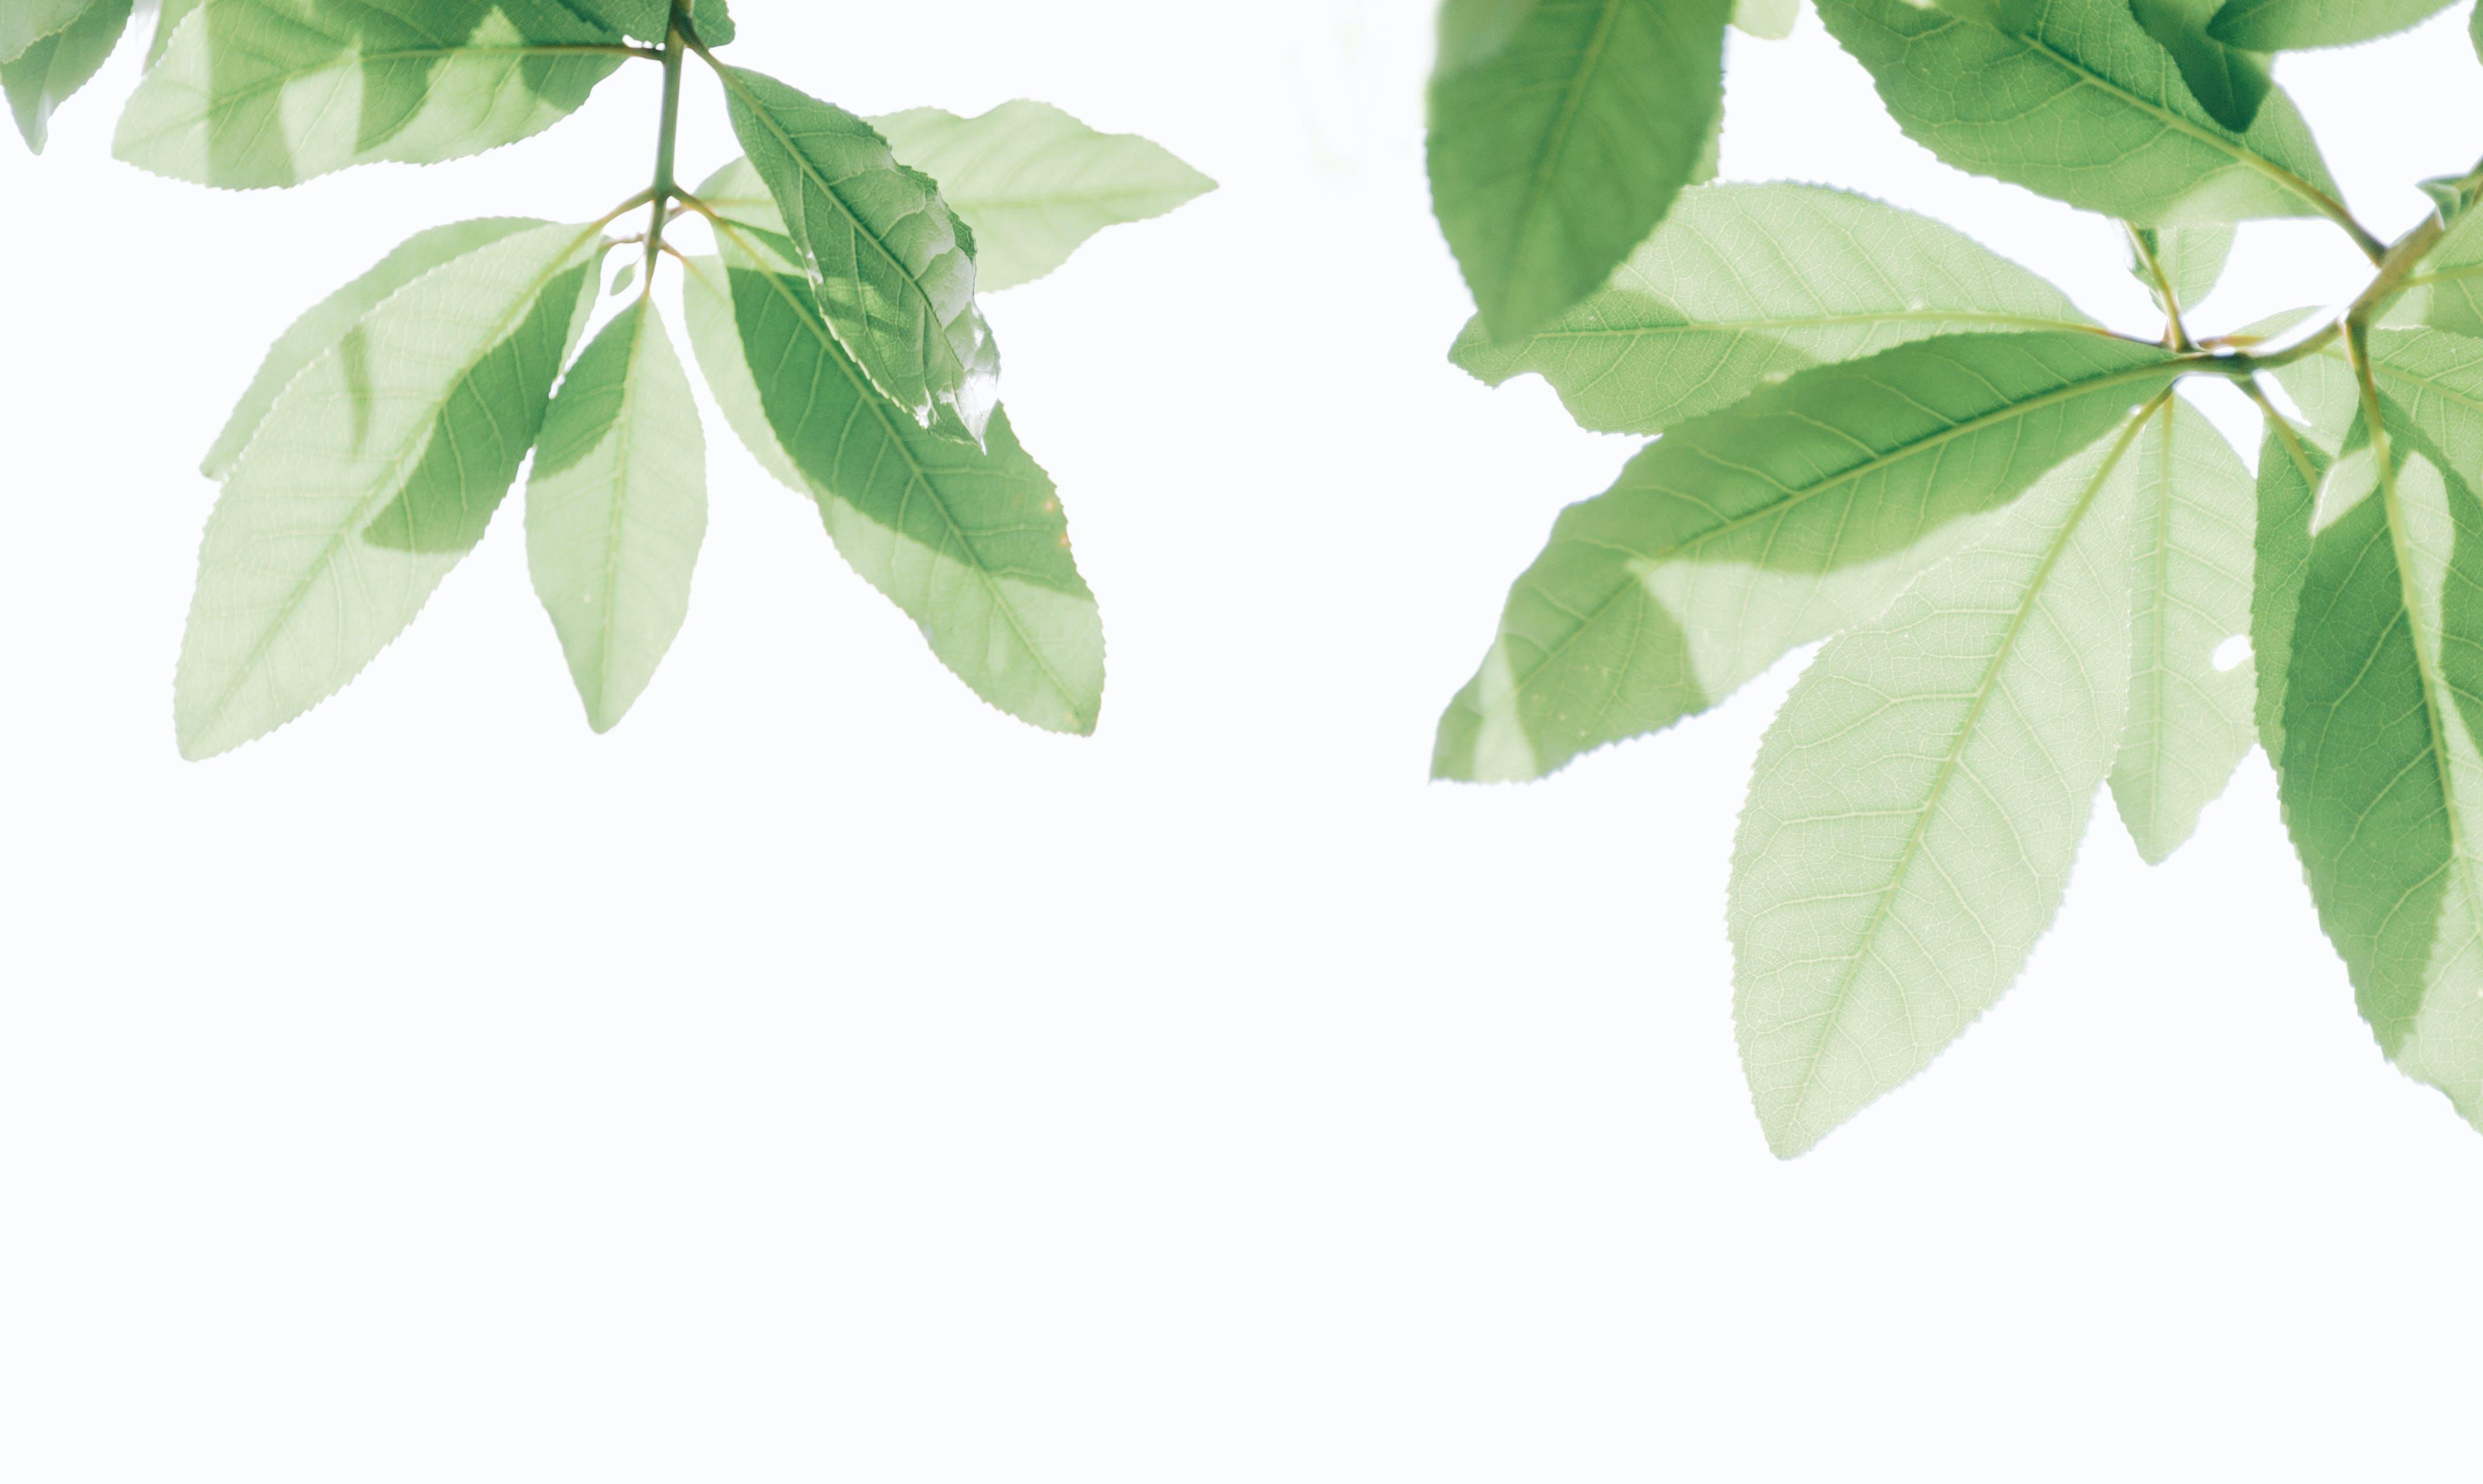 Foto profissional grátis de árvore, aumento, brilhante, ecológico